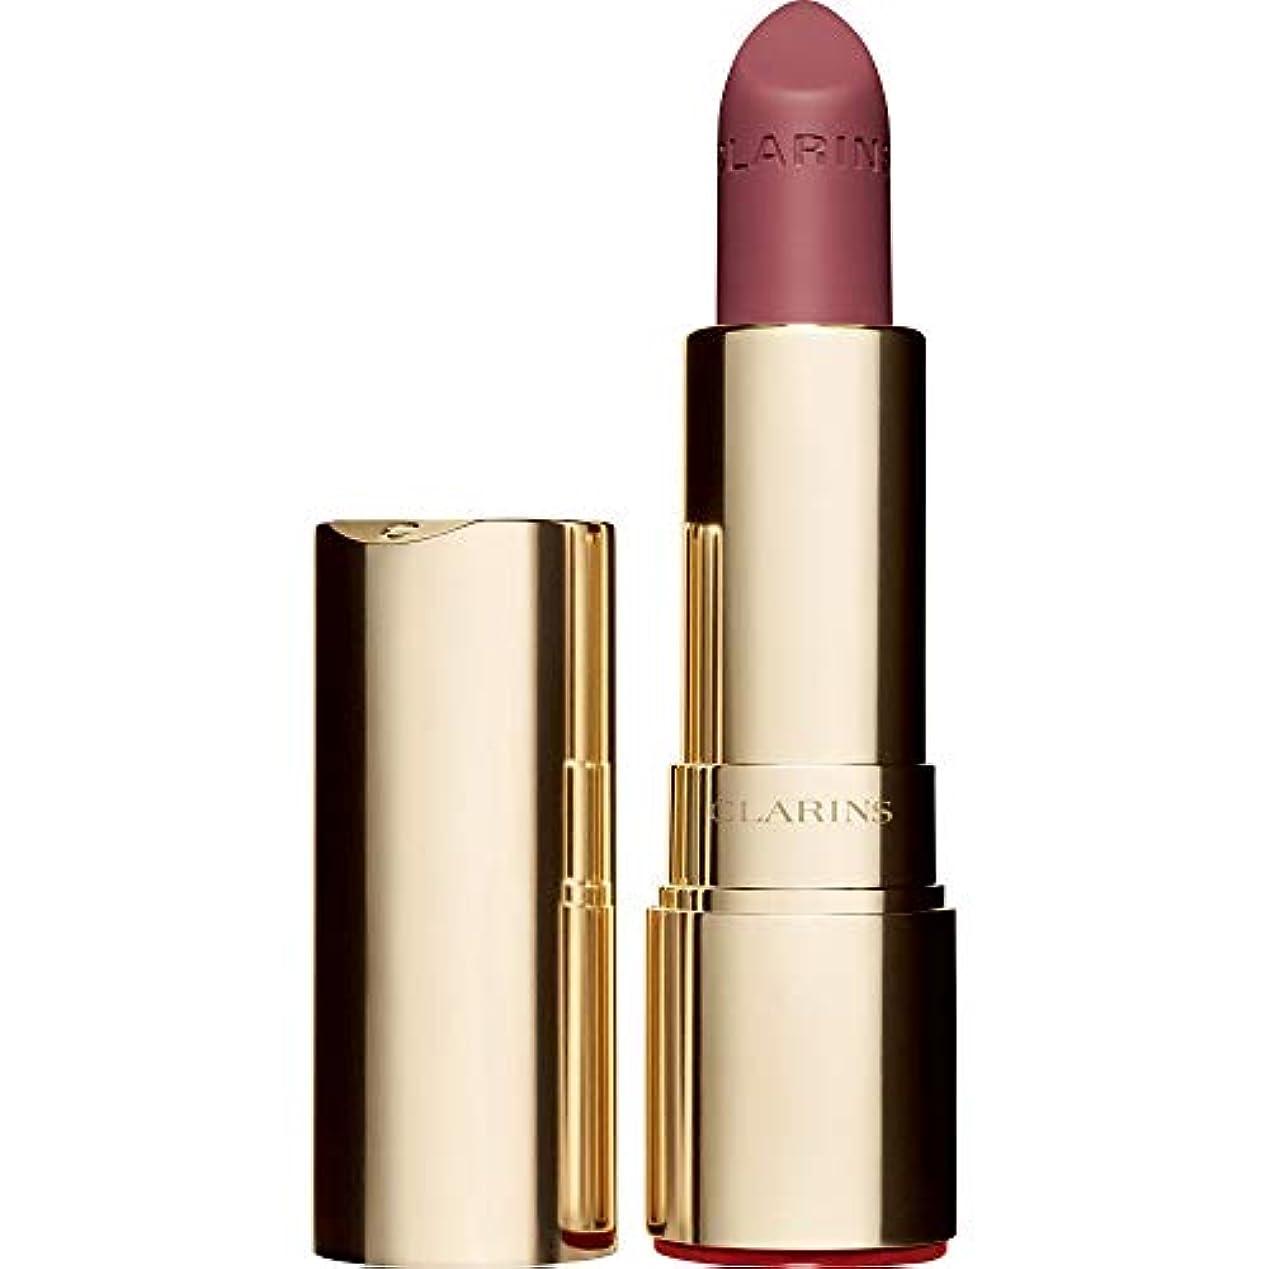 知り合いになる石化するキャロライン[Clarins] クラランスジョリルージュベルベットの口紅3.5グラムの731V - ベリーローズ - Clarins Joli Rouge Velvet Lipstick 3.5g 731V - Rose Berry...